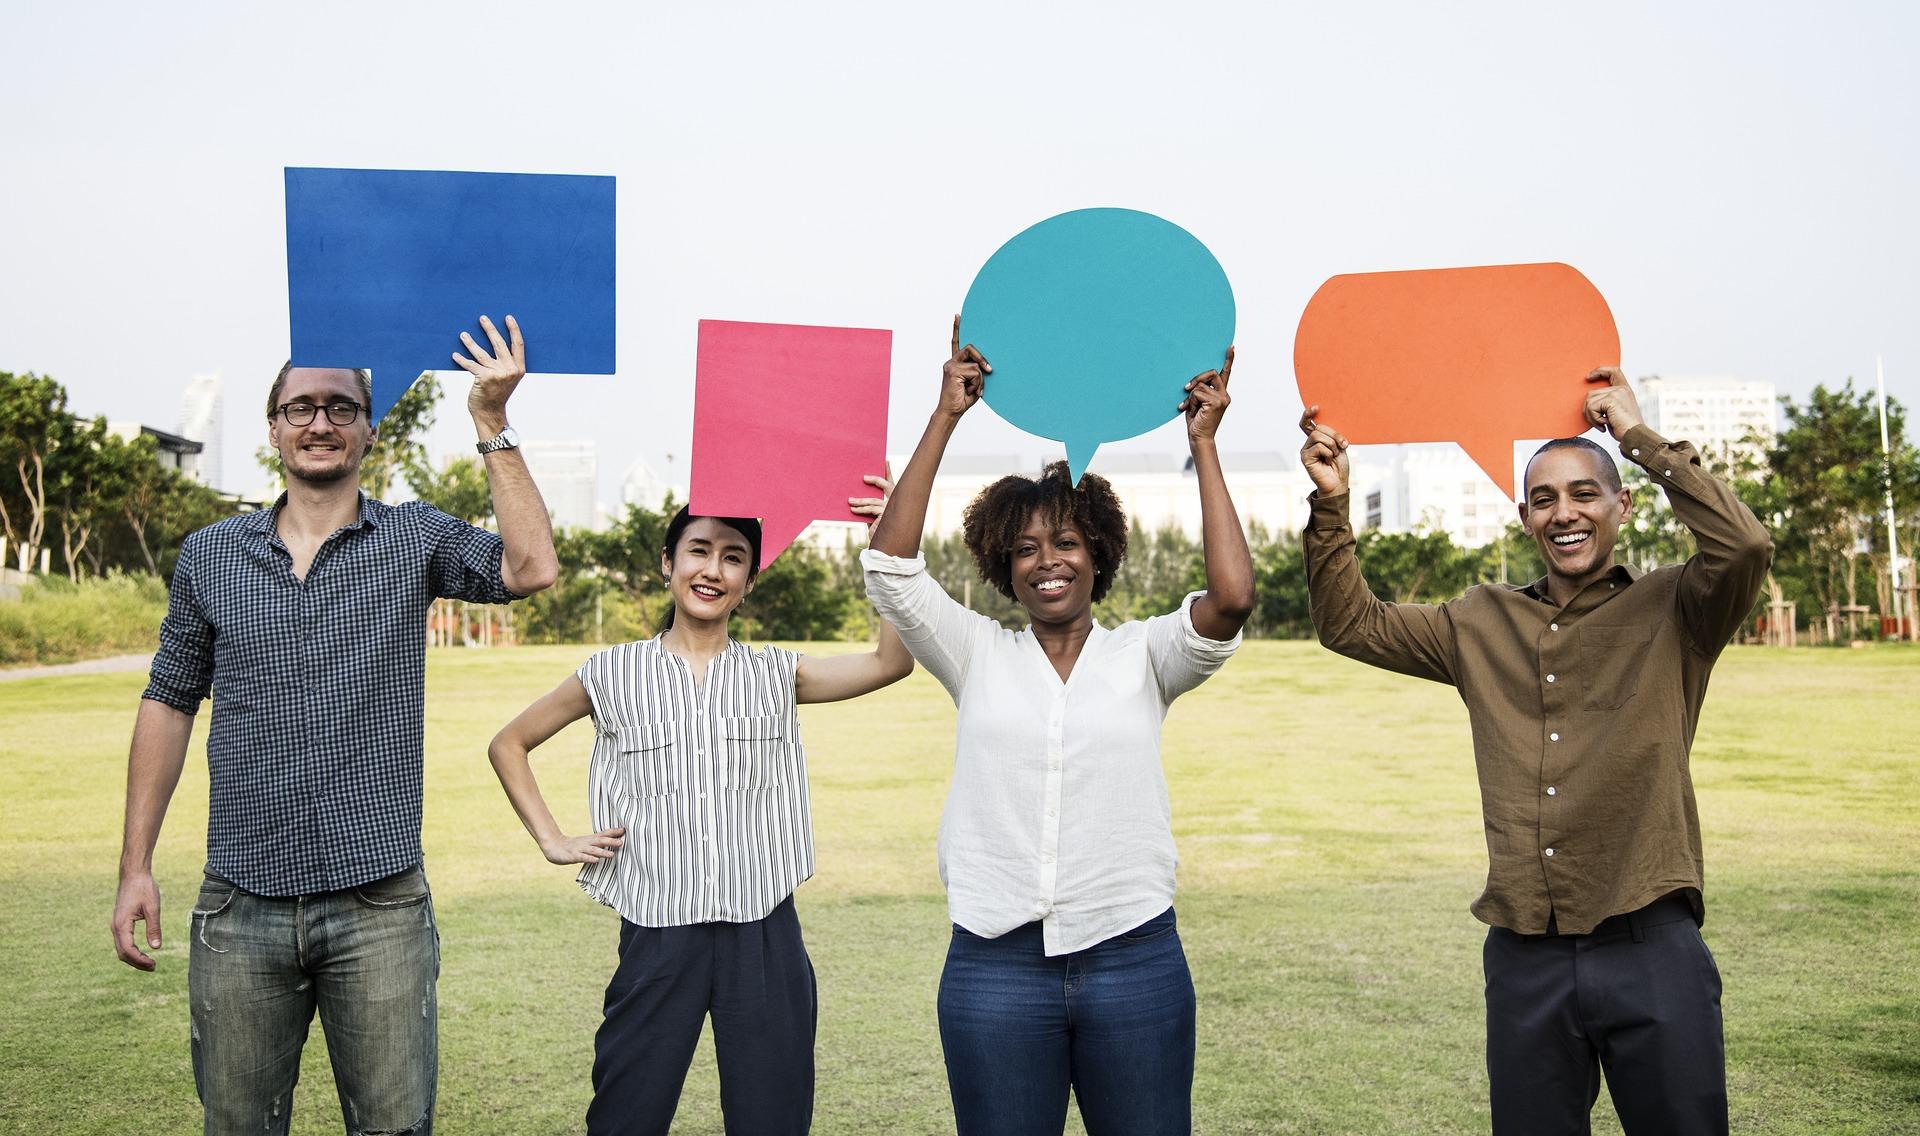 Vier Menschen halten Sprechblasen aus Papier hoch, sie stehen in einem sonnigen Feld. das Bild soll Feedback symbolisieren.